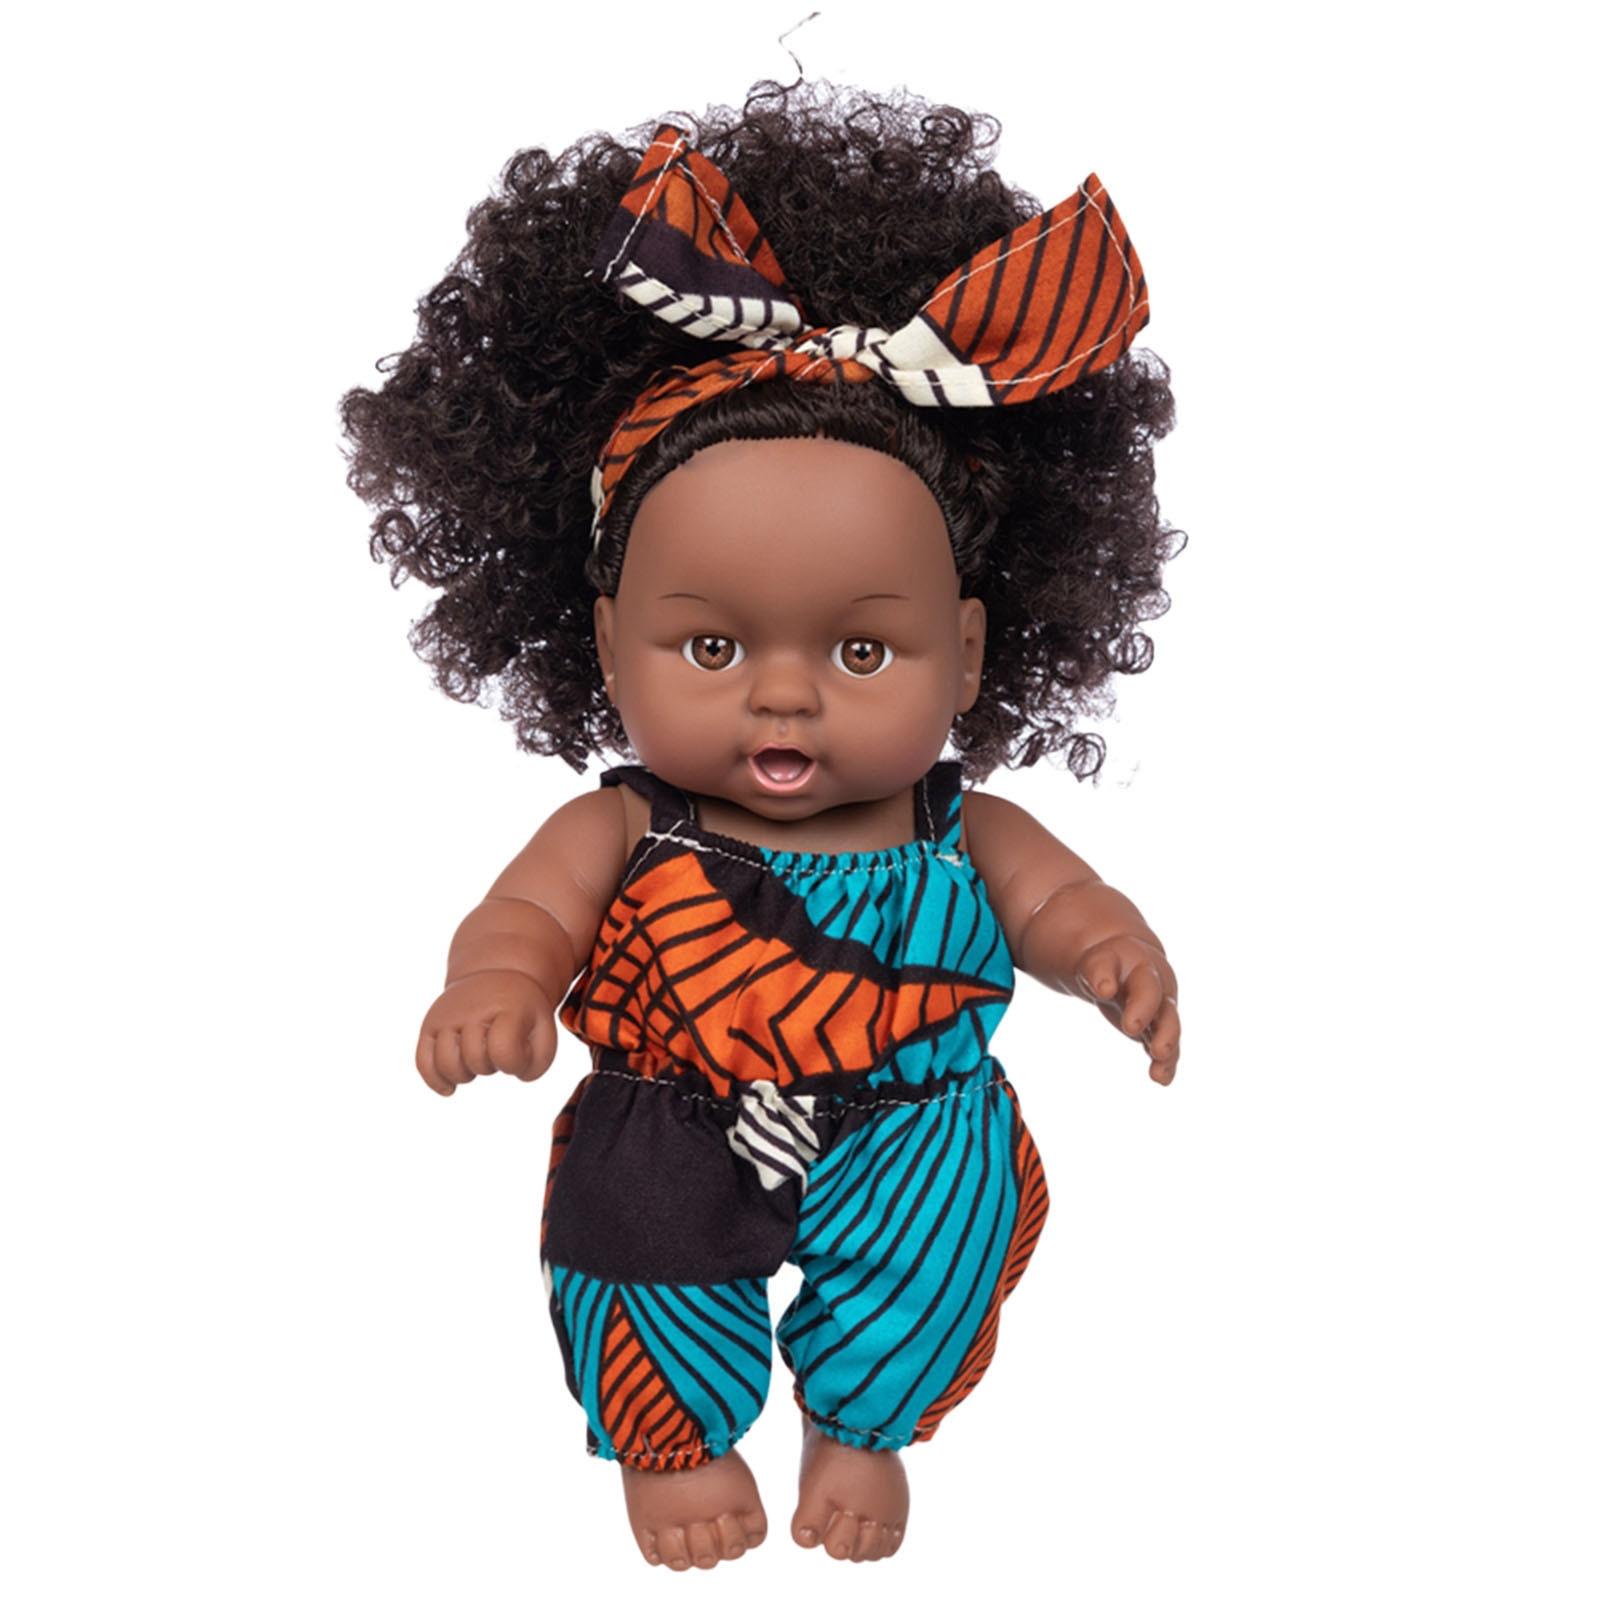 Реалистичная виниловая кукла-Реборн, африканская кукла-Реборн, черная африканская черная Милая кудрявая черная 25 см Виниловая детская игрушка в подарок